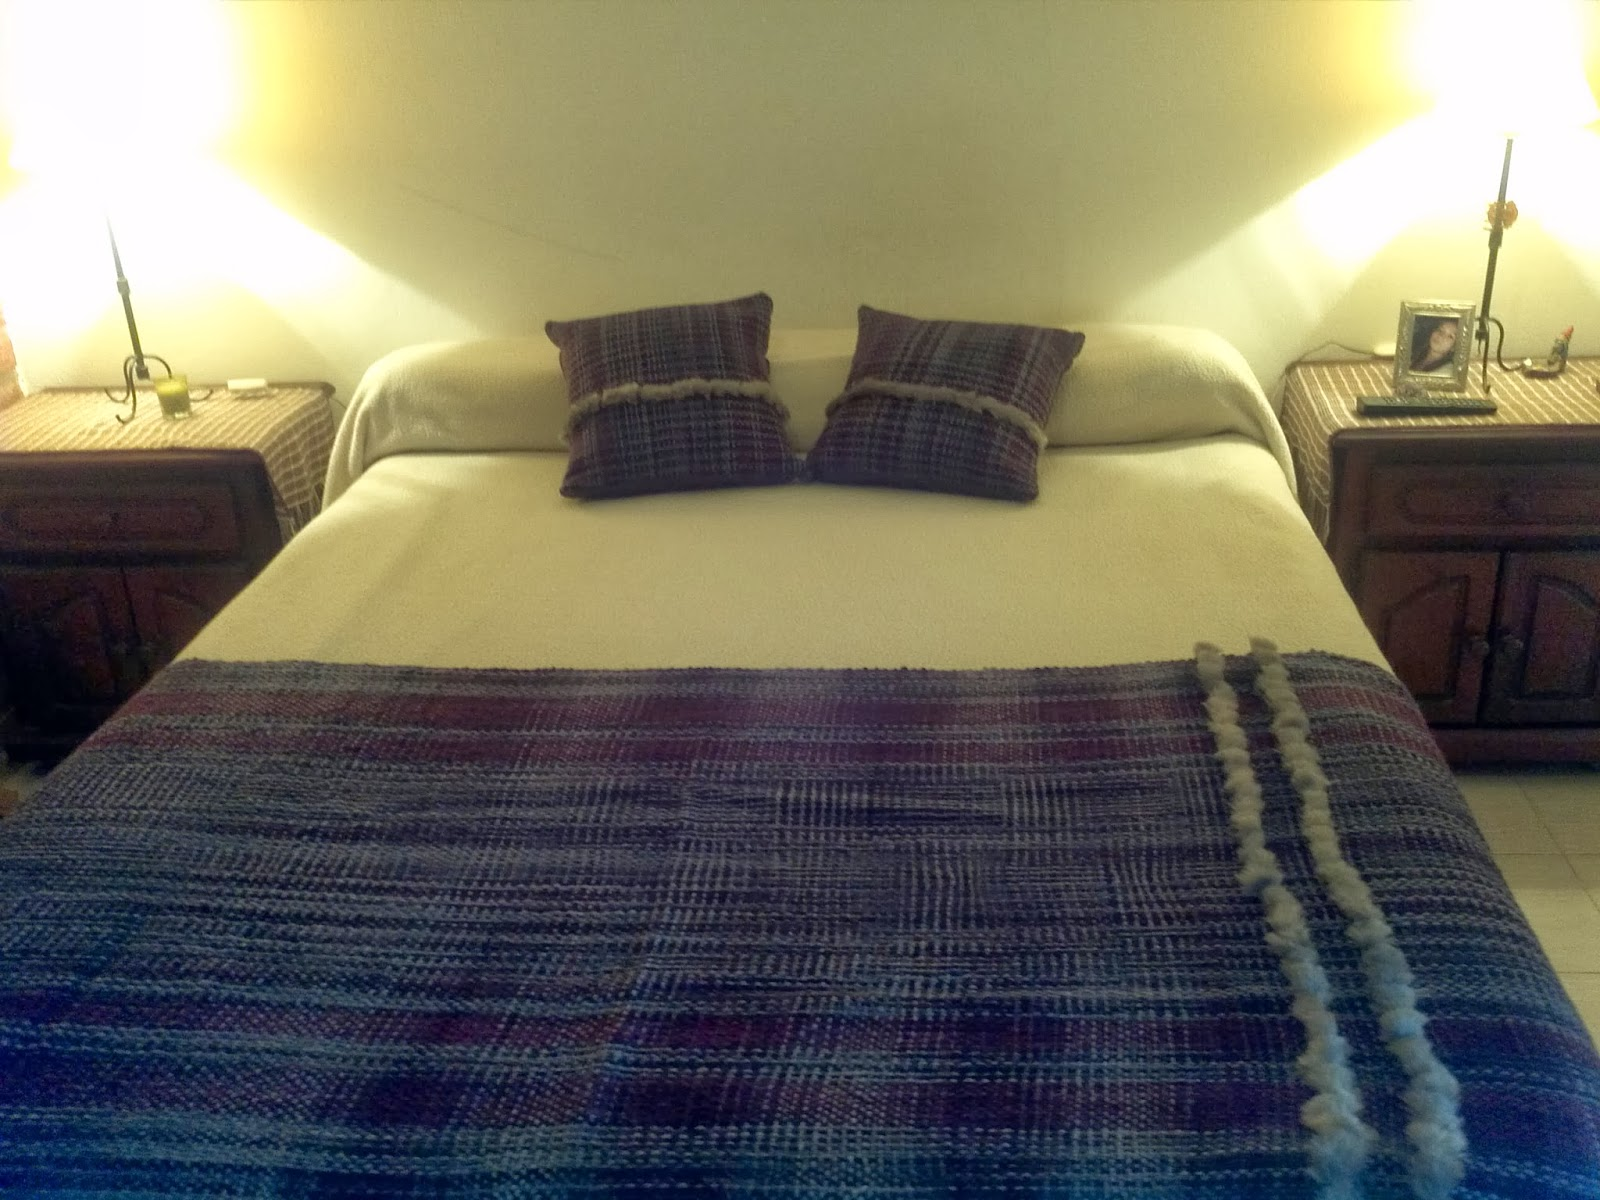 Lola telares pie de cama con almohadones para dos plazas - Pie de cama ...